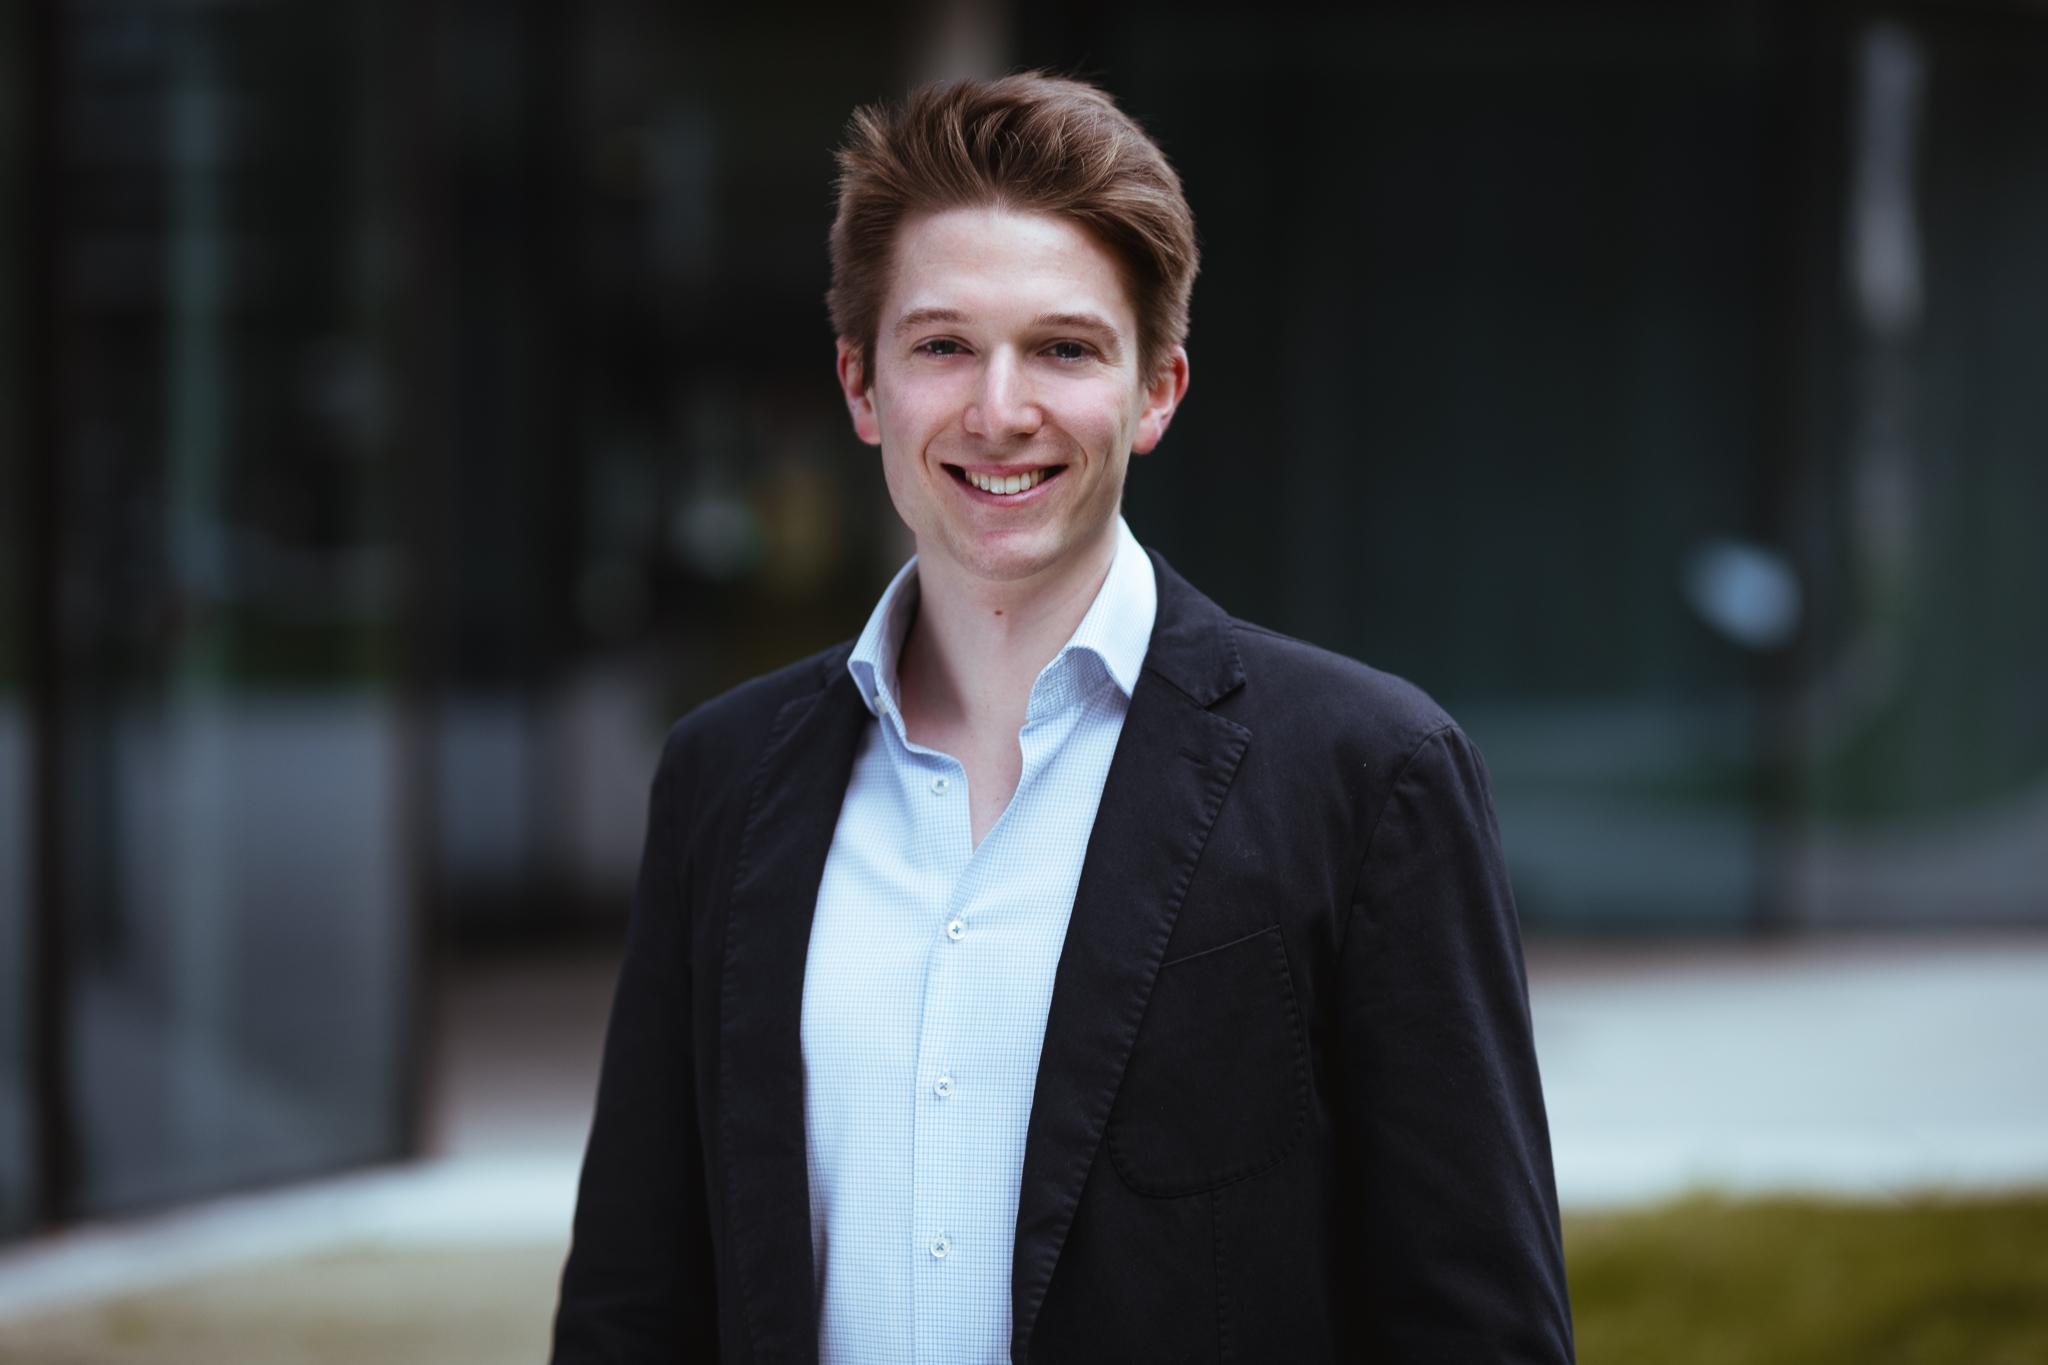 Benedikt Mayer